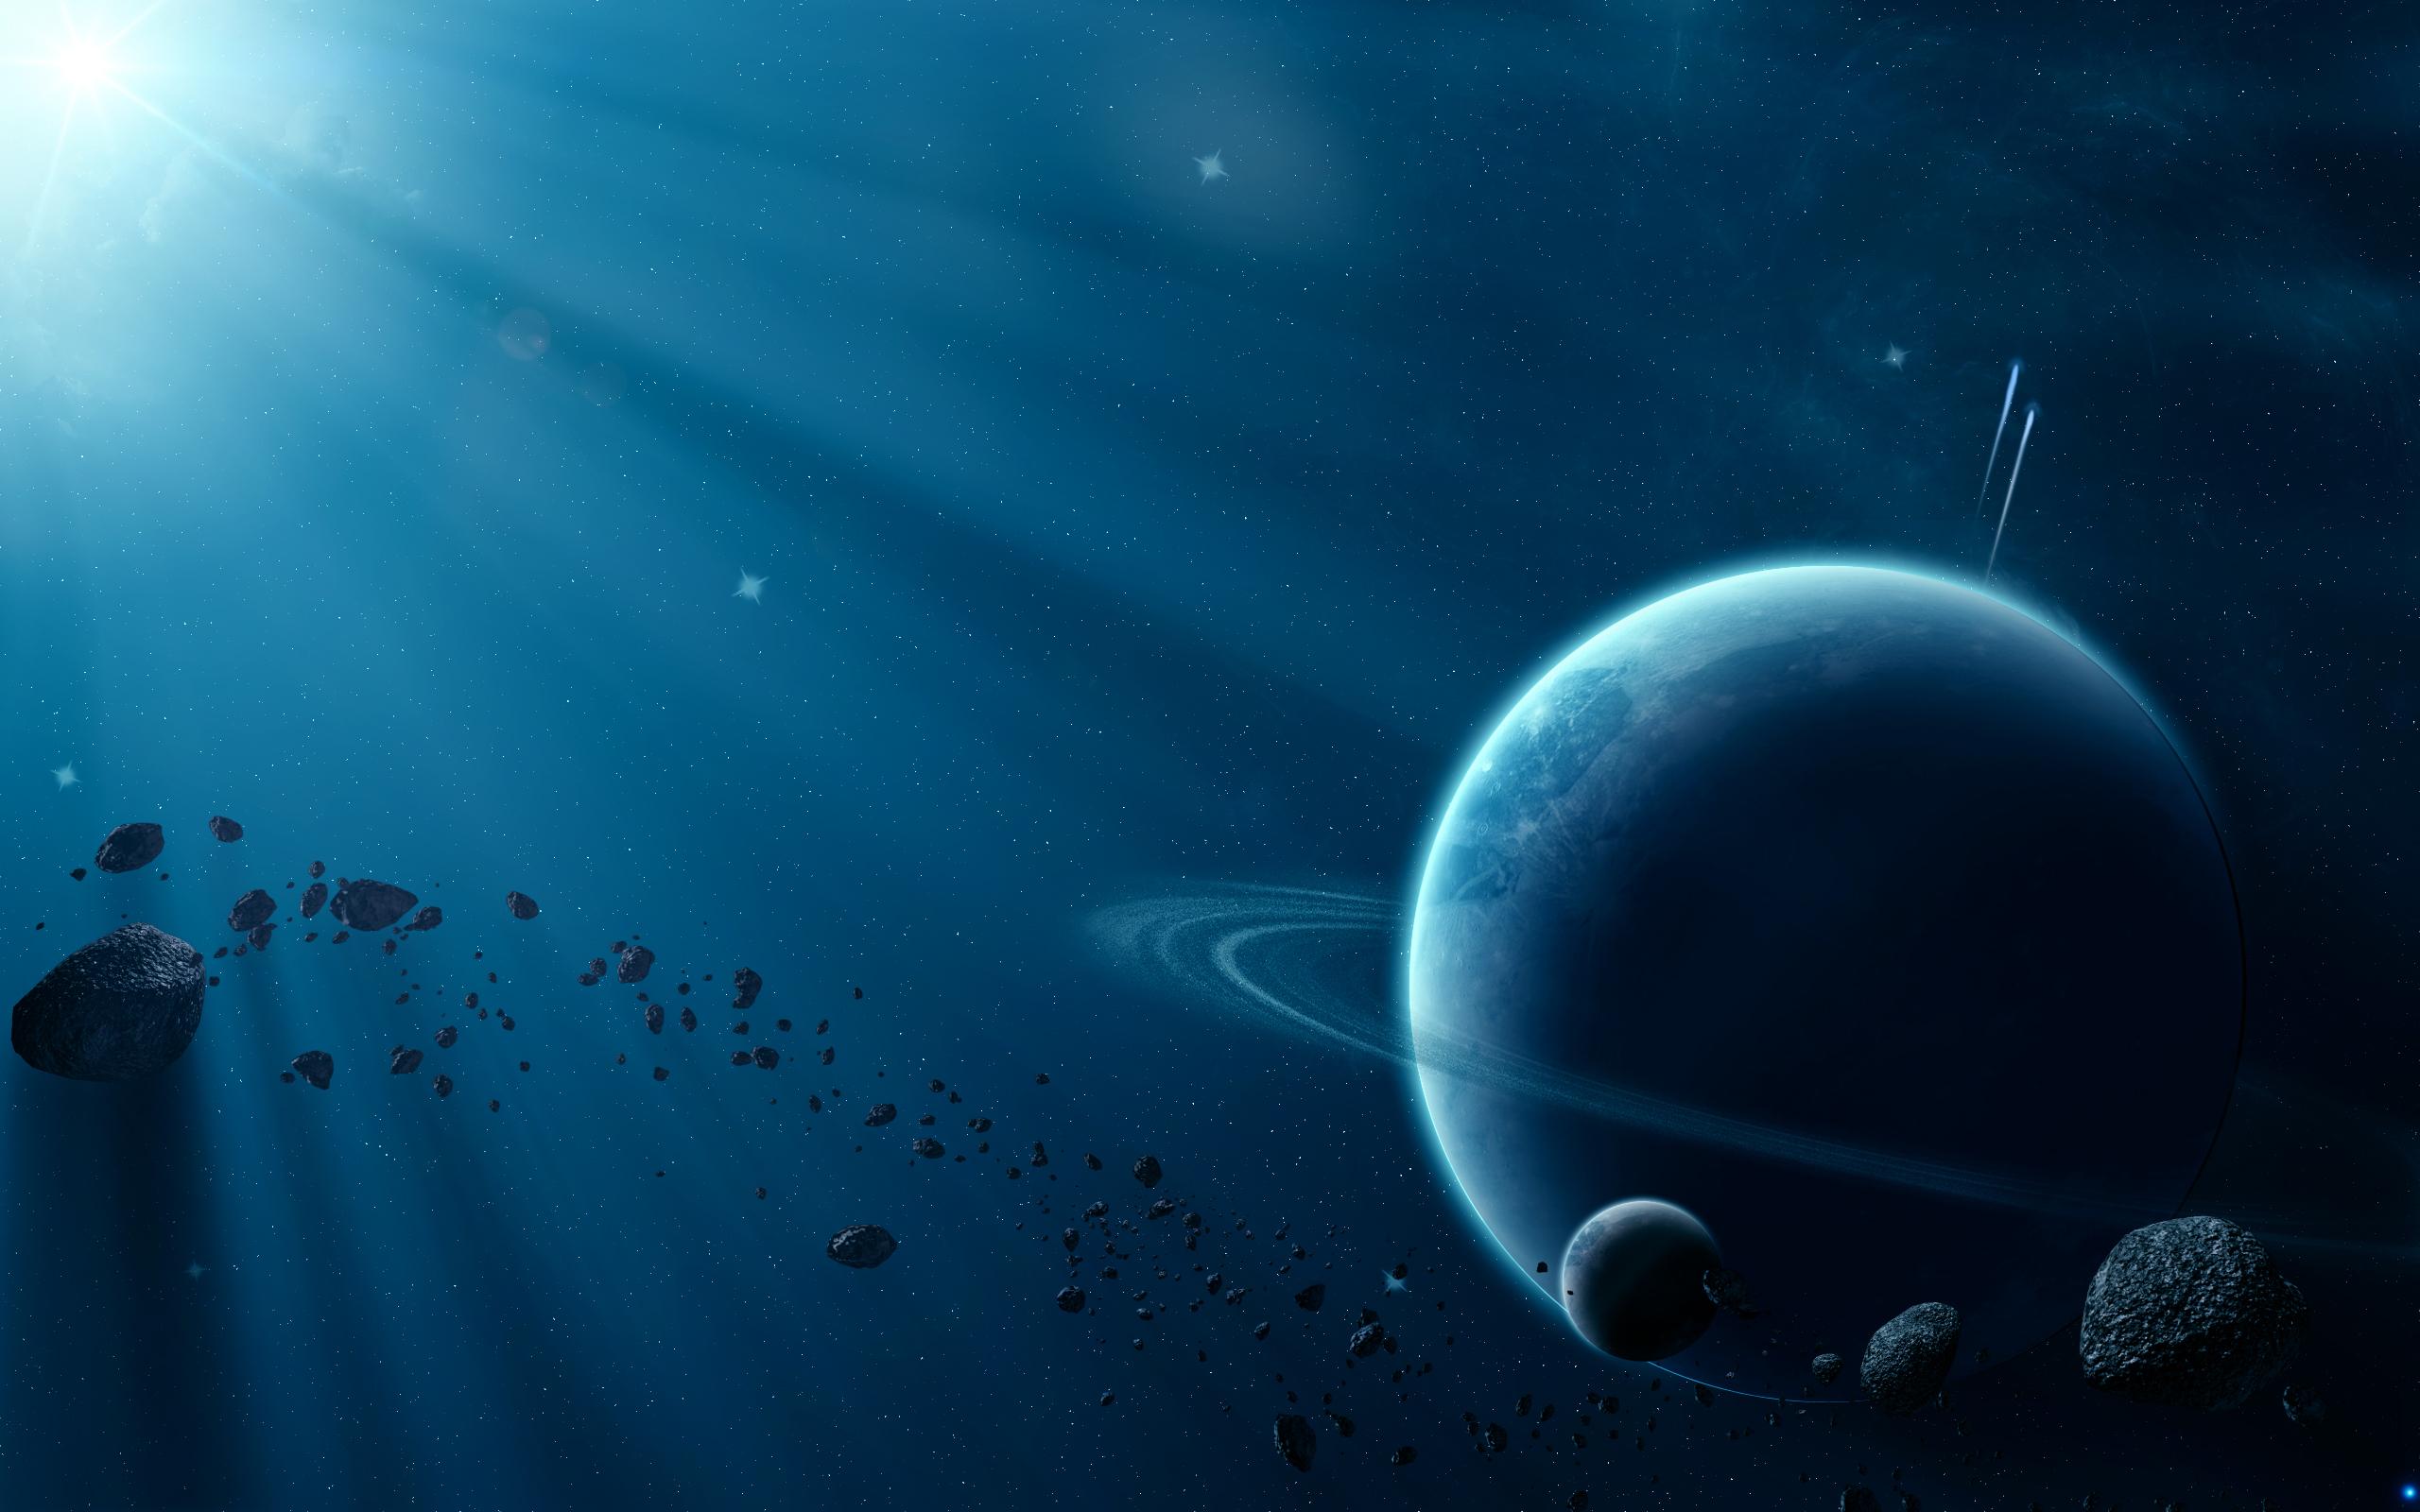 Обои Темная планета картинки на рабочий стол на тему Космос - скачать без смс